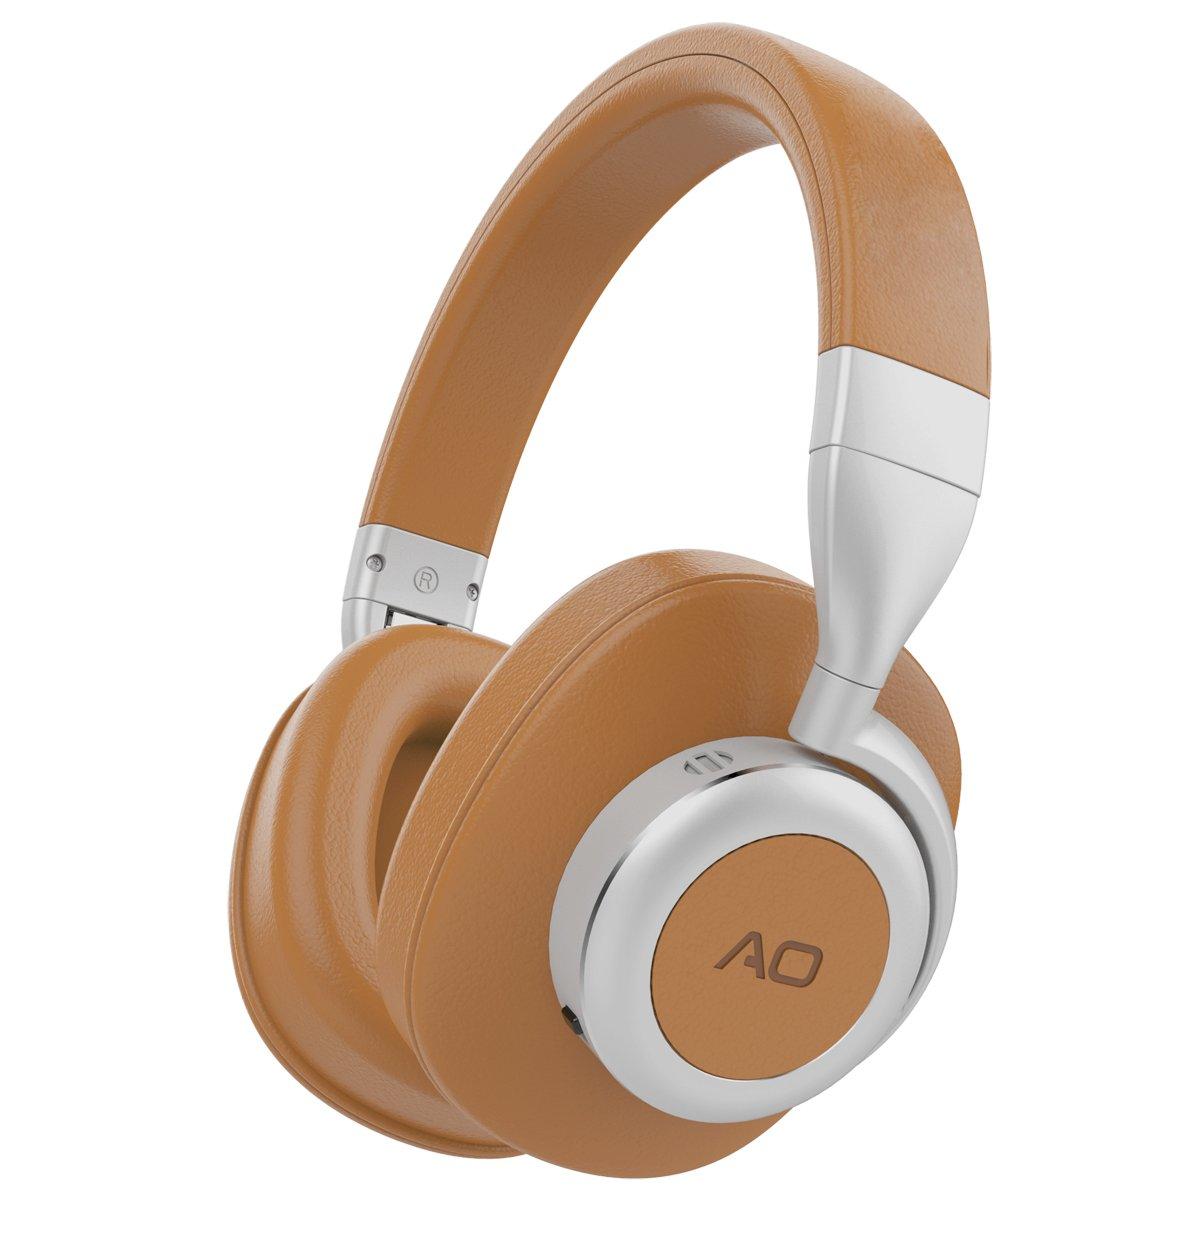 Auriculares AO Bluetooth Inalambrico con Cancelacion de Ruido Activa Technology- M6 … (Brown)